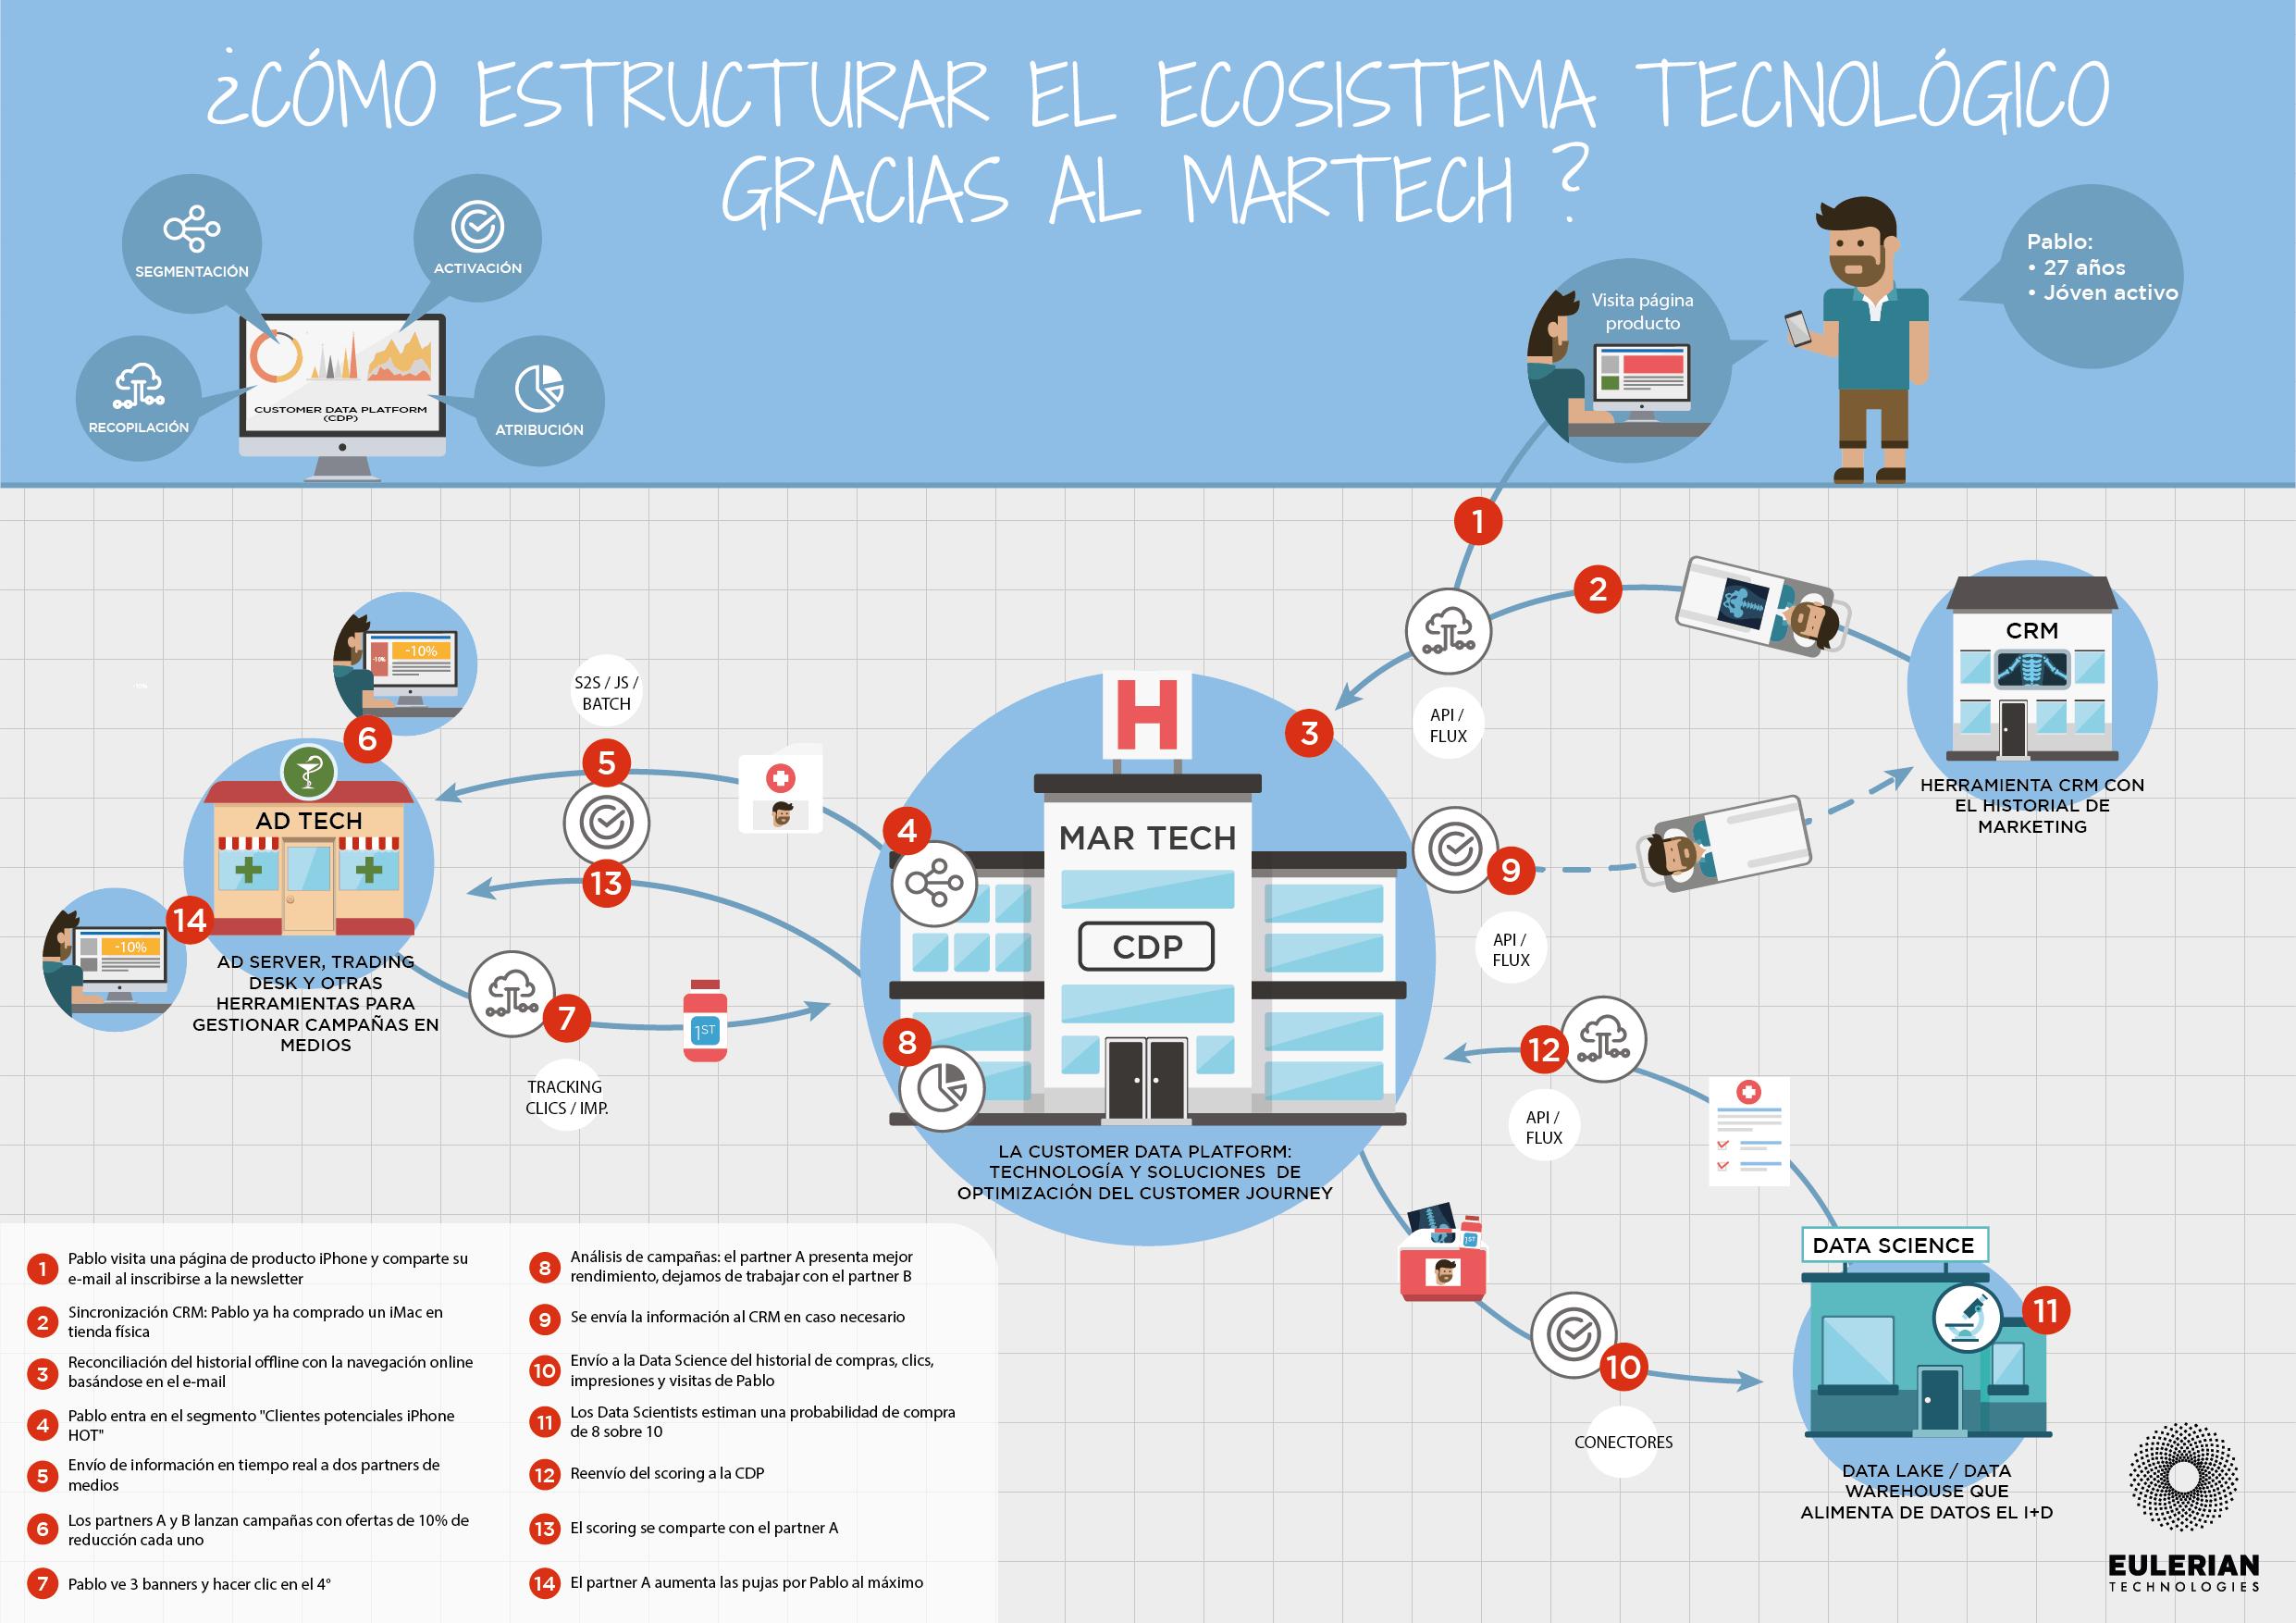 ¿Cómo estructurar tu ecosistema tecnológico con una base martech?